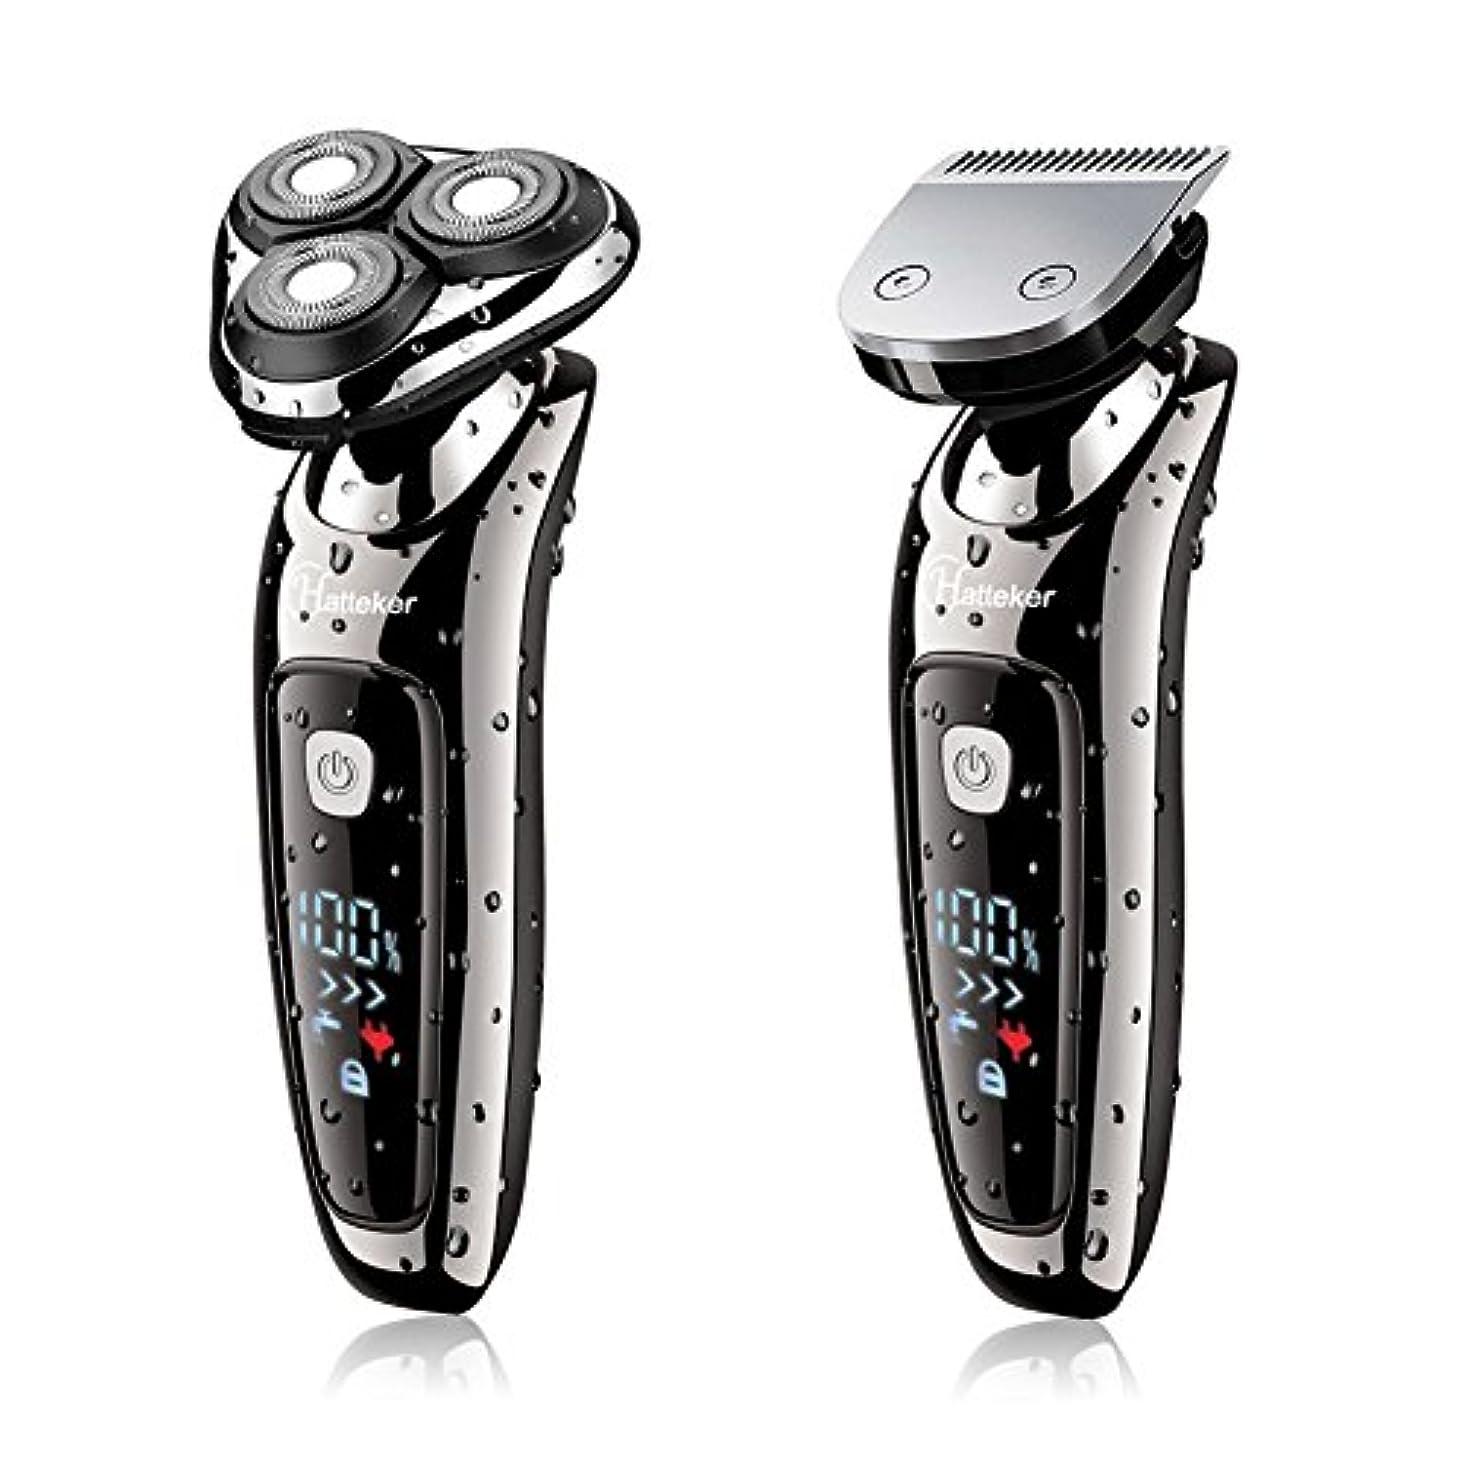 時刻表好み上がるHATTEKER 電気シェーバー メンズ ひげ剃り充電式·交流式 バリカン/ヒゲ トリマーヘッド付き LEDディスプレイ 水洗いOK